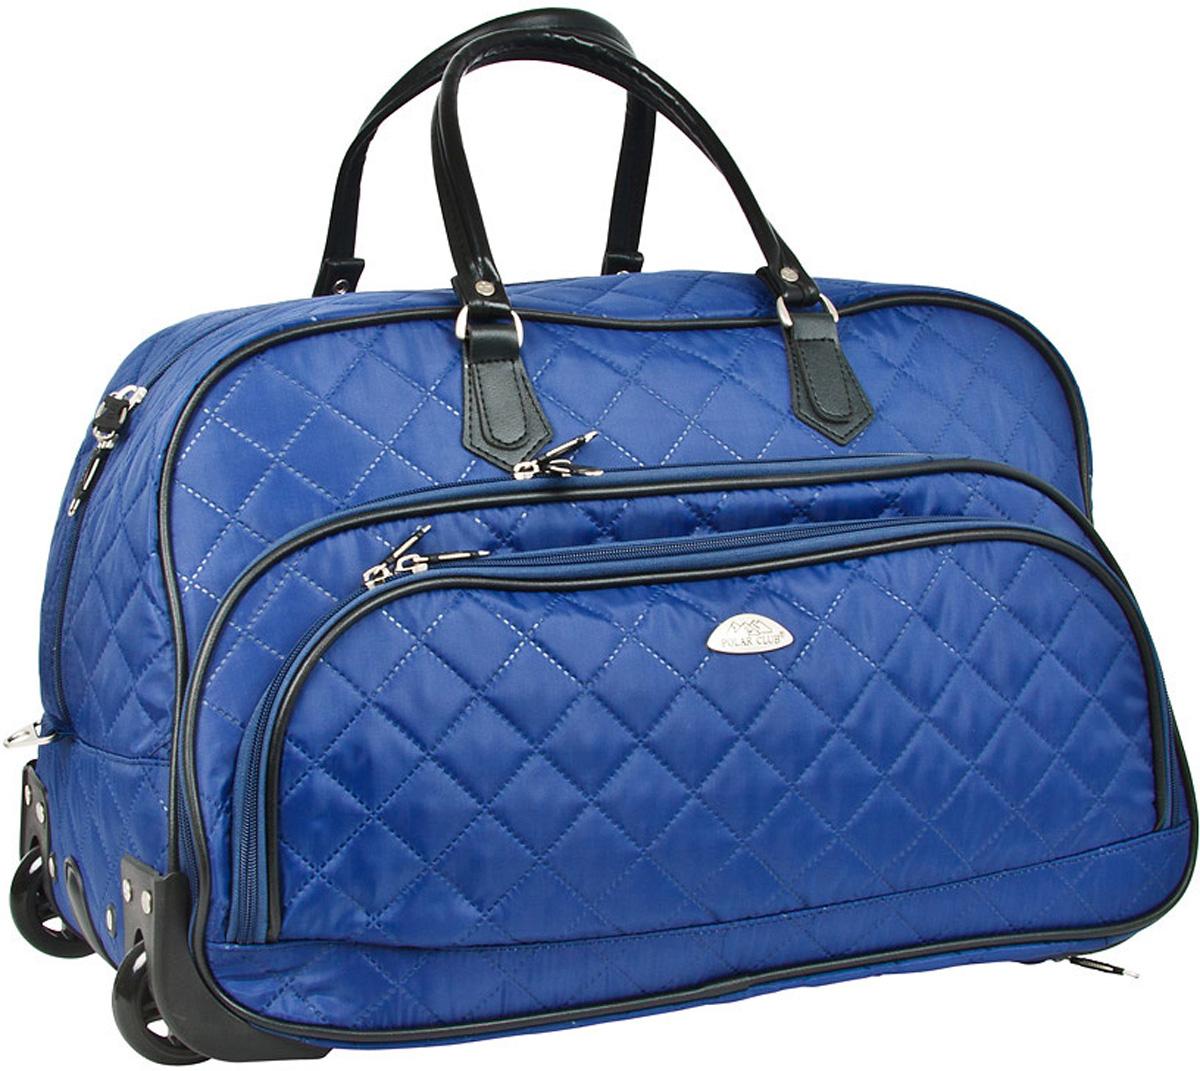 Сумка дорожная Polar Стежка, на колесах, цвет: синий, 51 л, 55 х 37 х 25 см. 7050.17050.1Колесная дорожная сумка Polar. Пластиковые колеса, выдвижная ручка ,выдвигается на 38 см. Имеется съемный плечевой ремень, что бы носить сумку через плечо. Одно большое отделение для ваших вещей. Два кармана спереди сумки на молнии. Высота ручек 17 см.